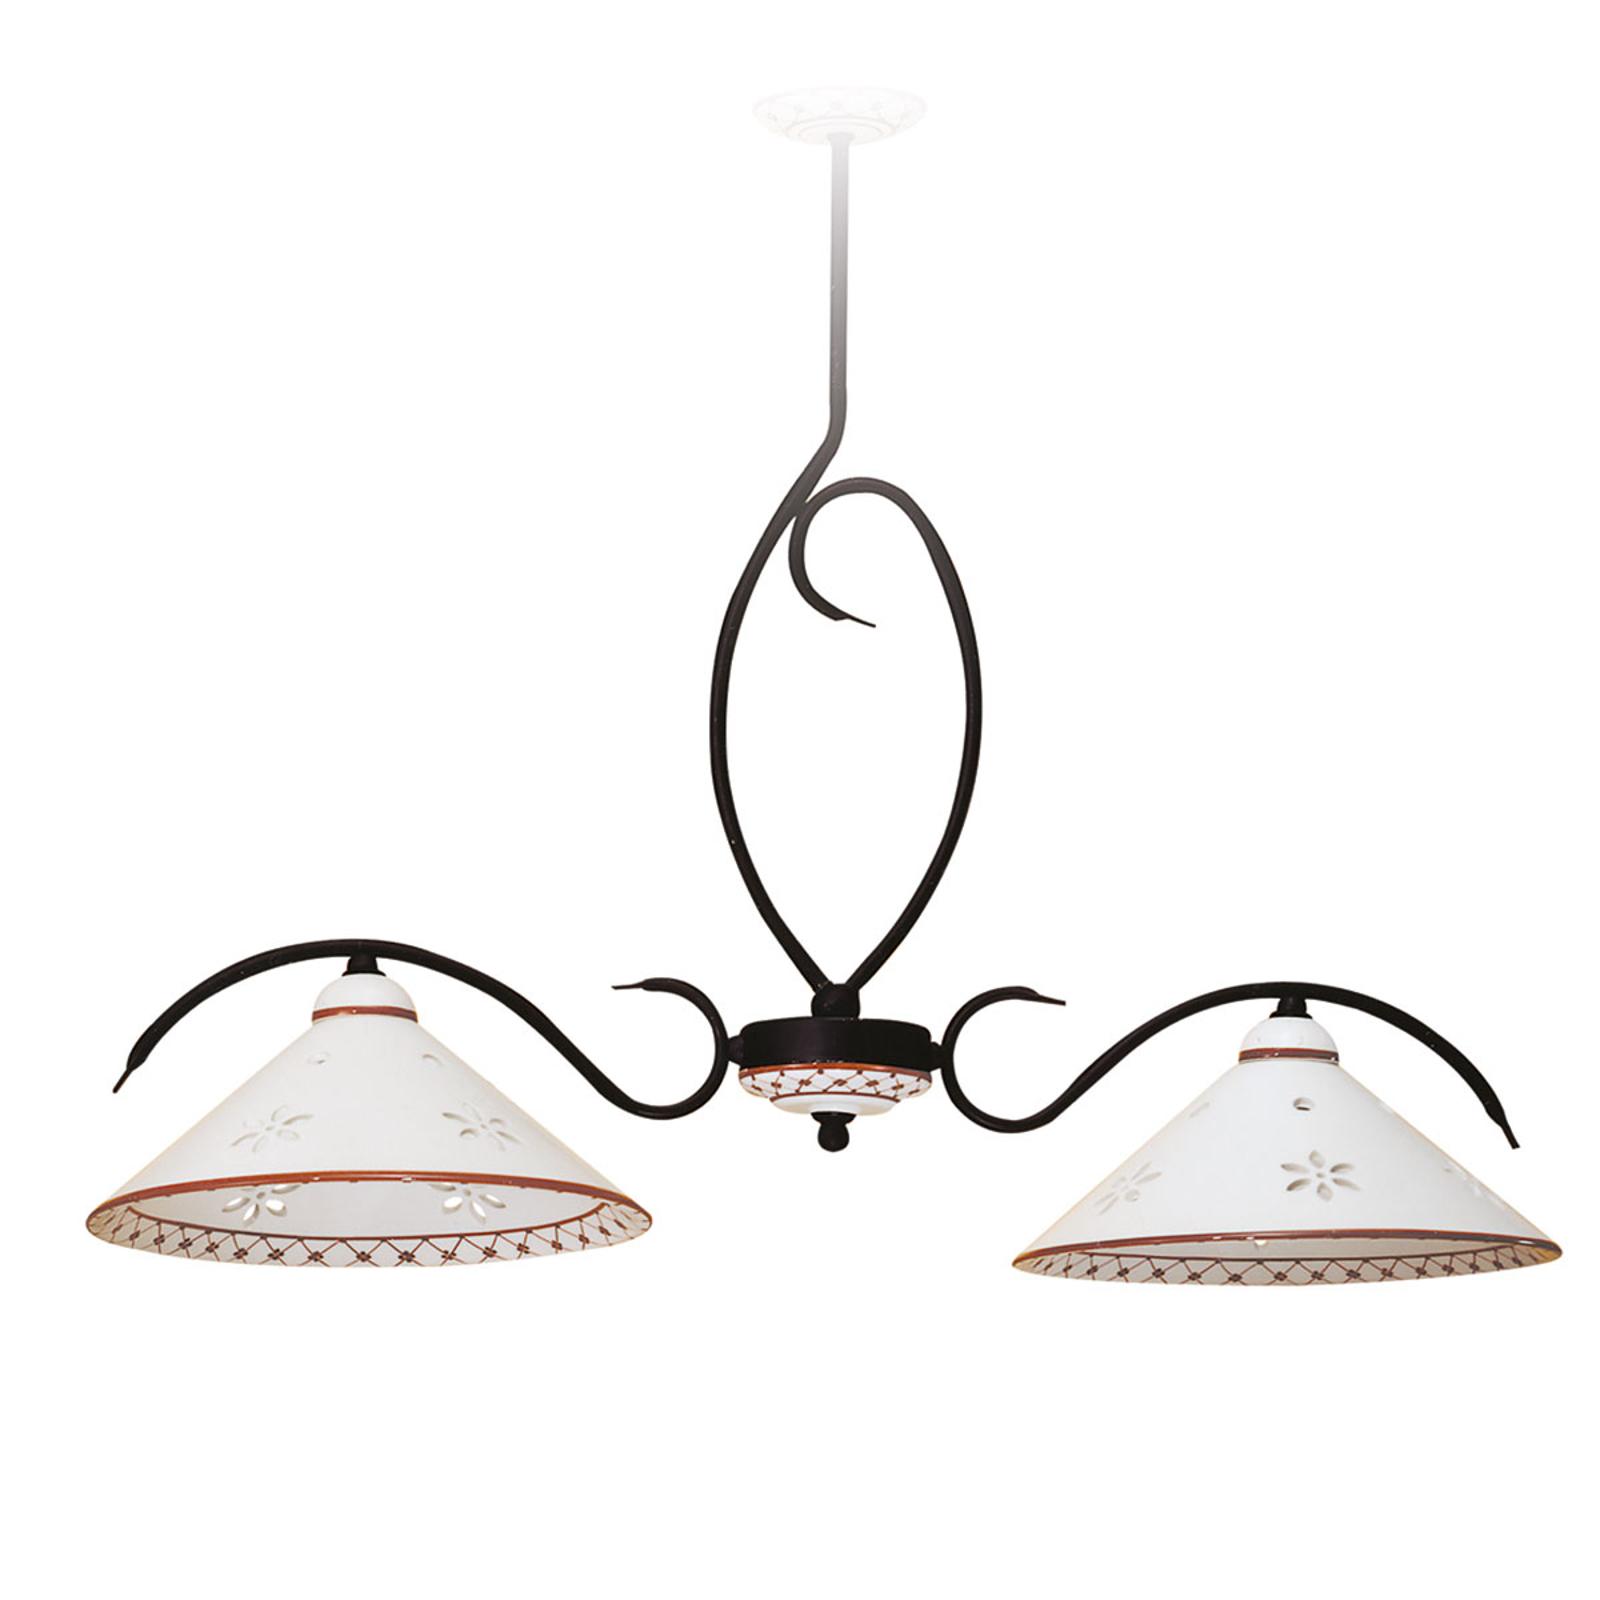 Balk lamp Bettina, 2-lamps